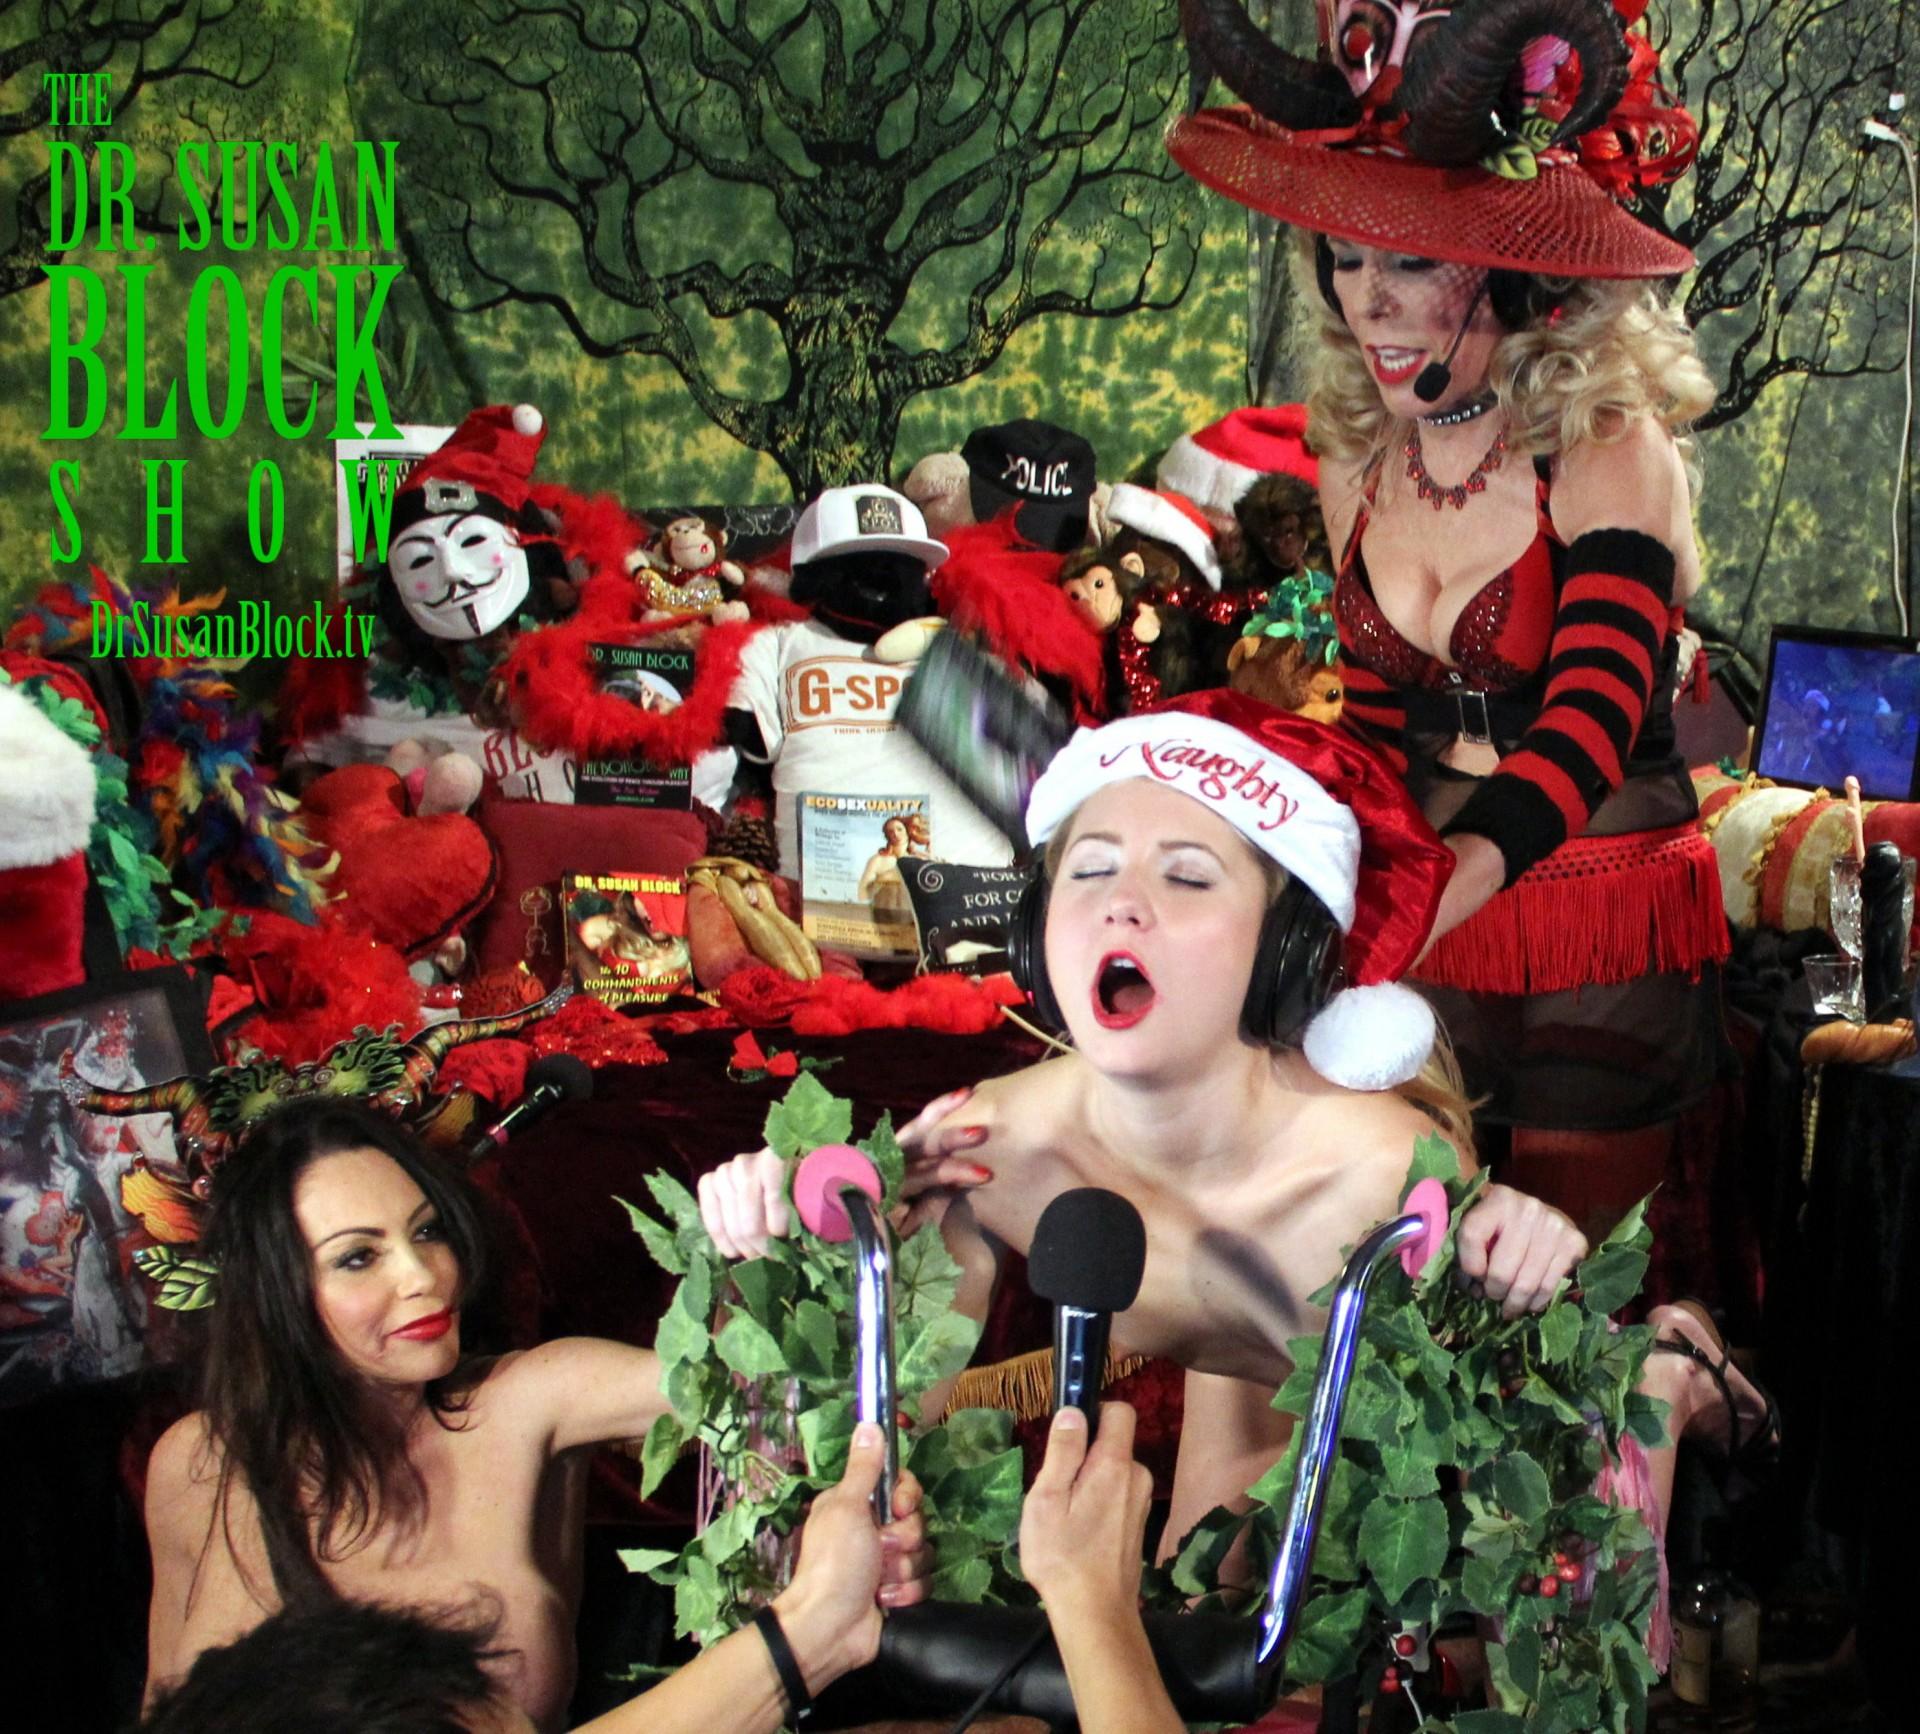 Kinky Krampus with Odette on DrSuzy.Tv